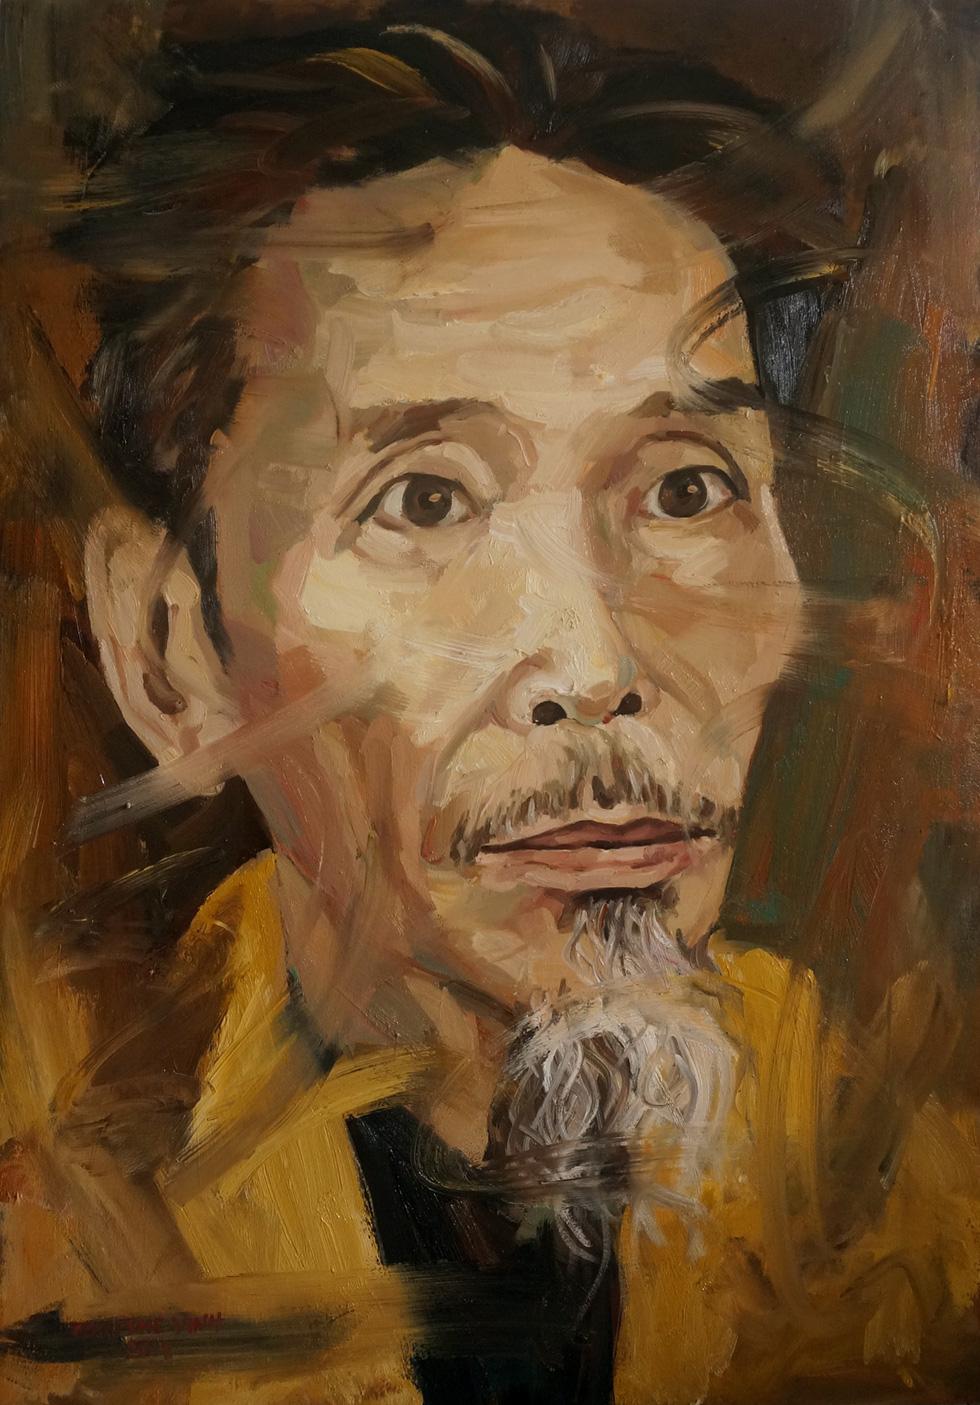 gắm chân dung các văn nghệ sĩ, trí thức tài hoa và truân chuyên - Ảnh 33